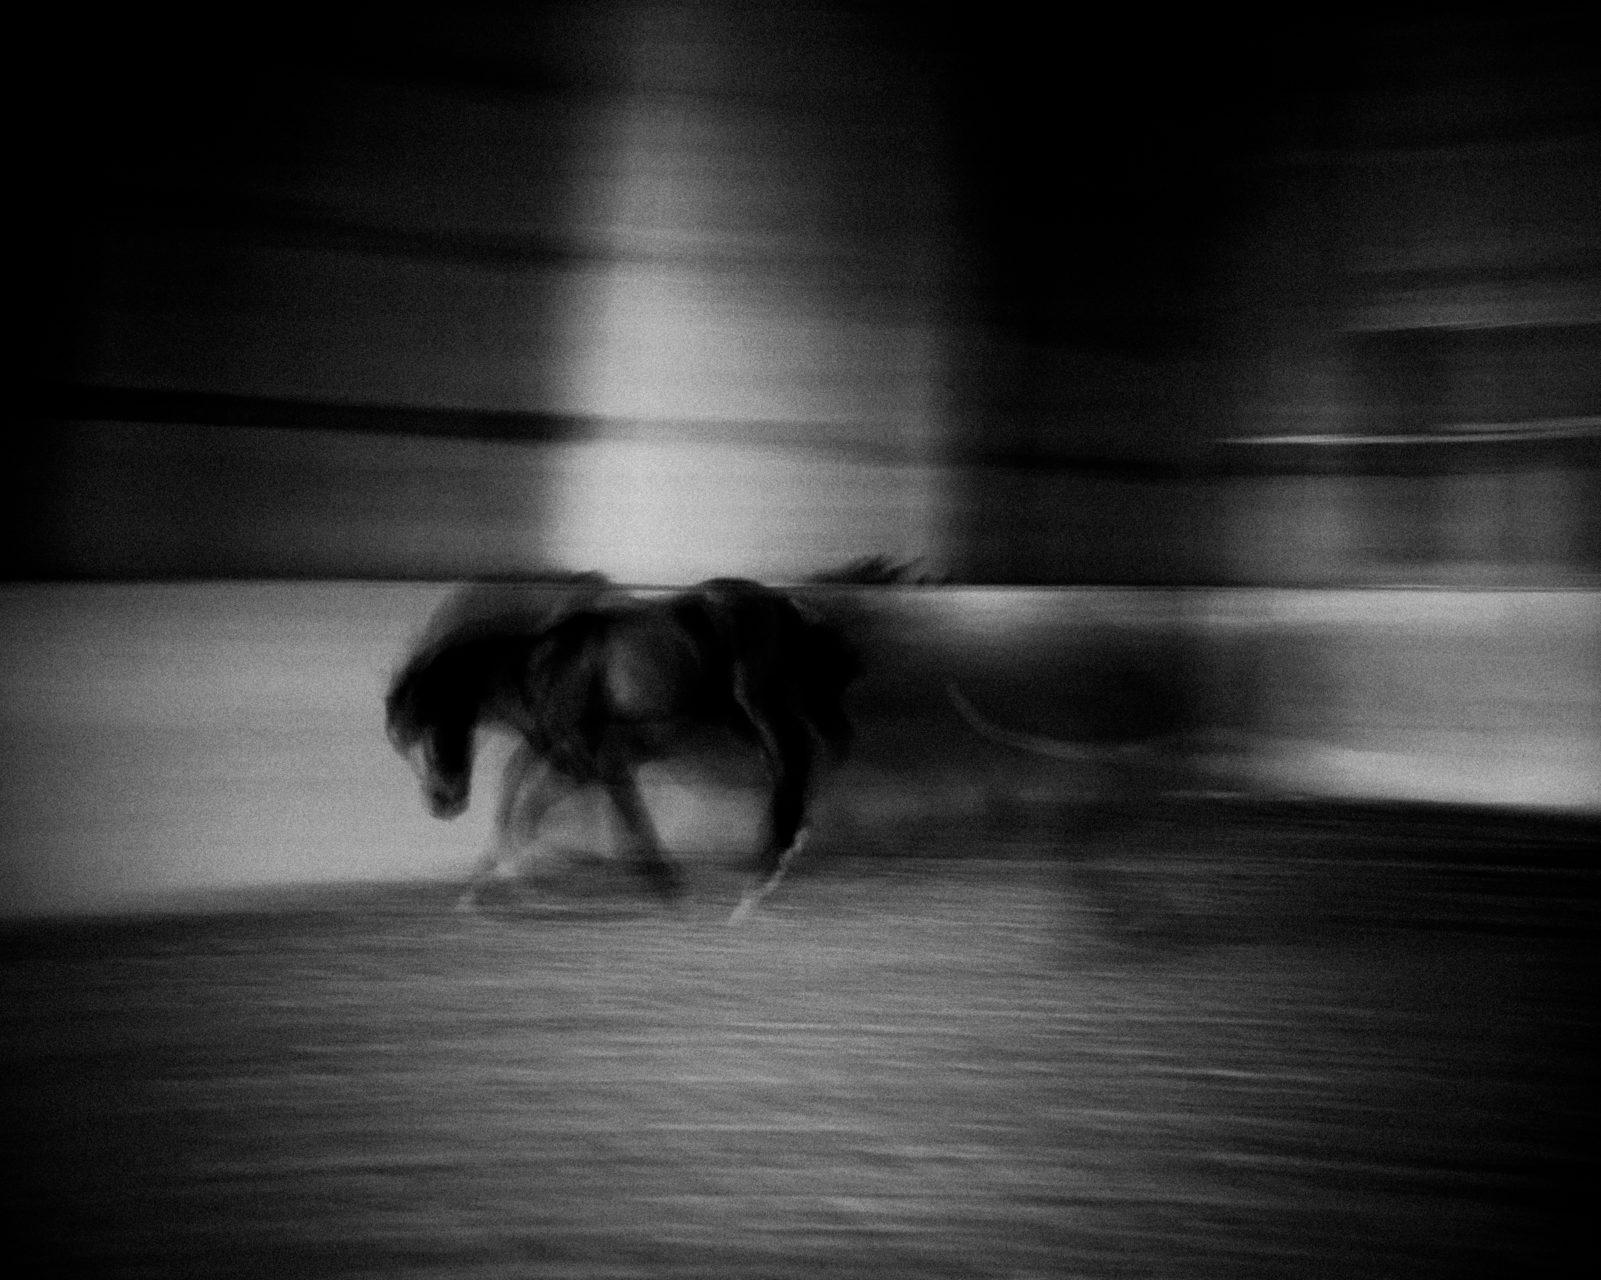 Dallemagne_LensCulture-29